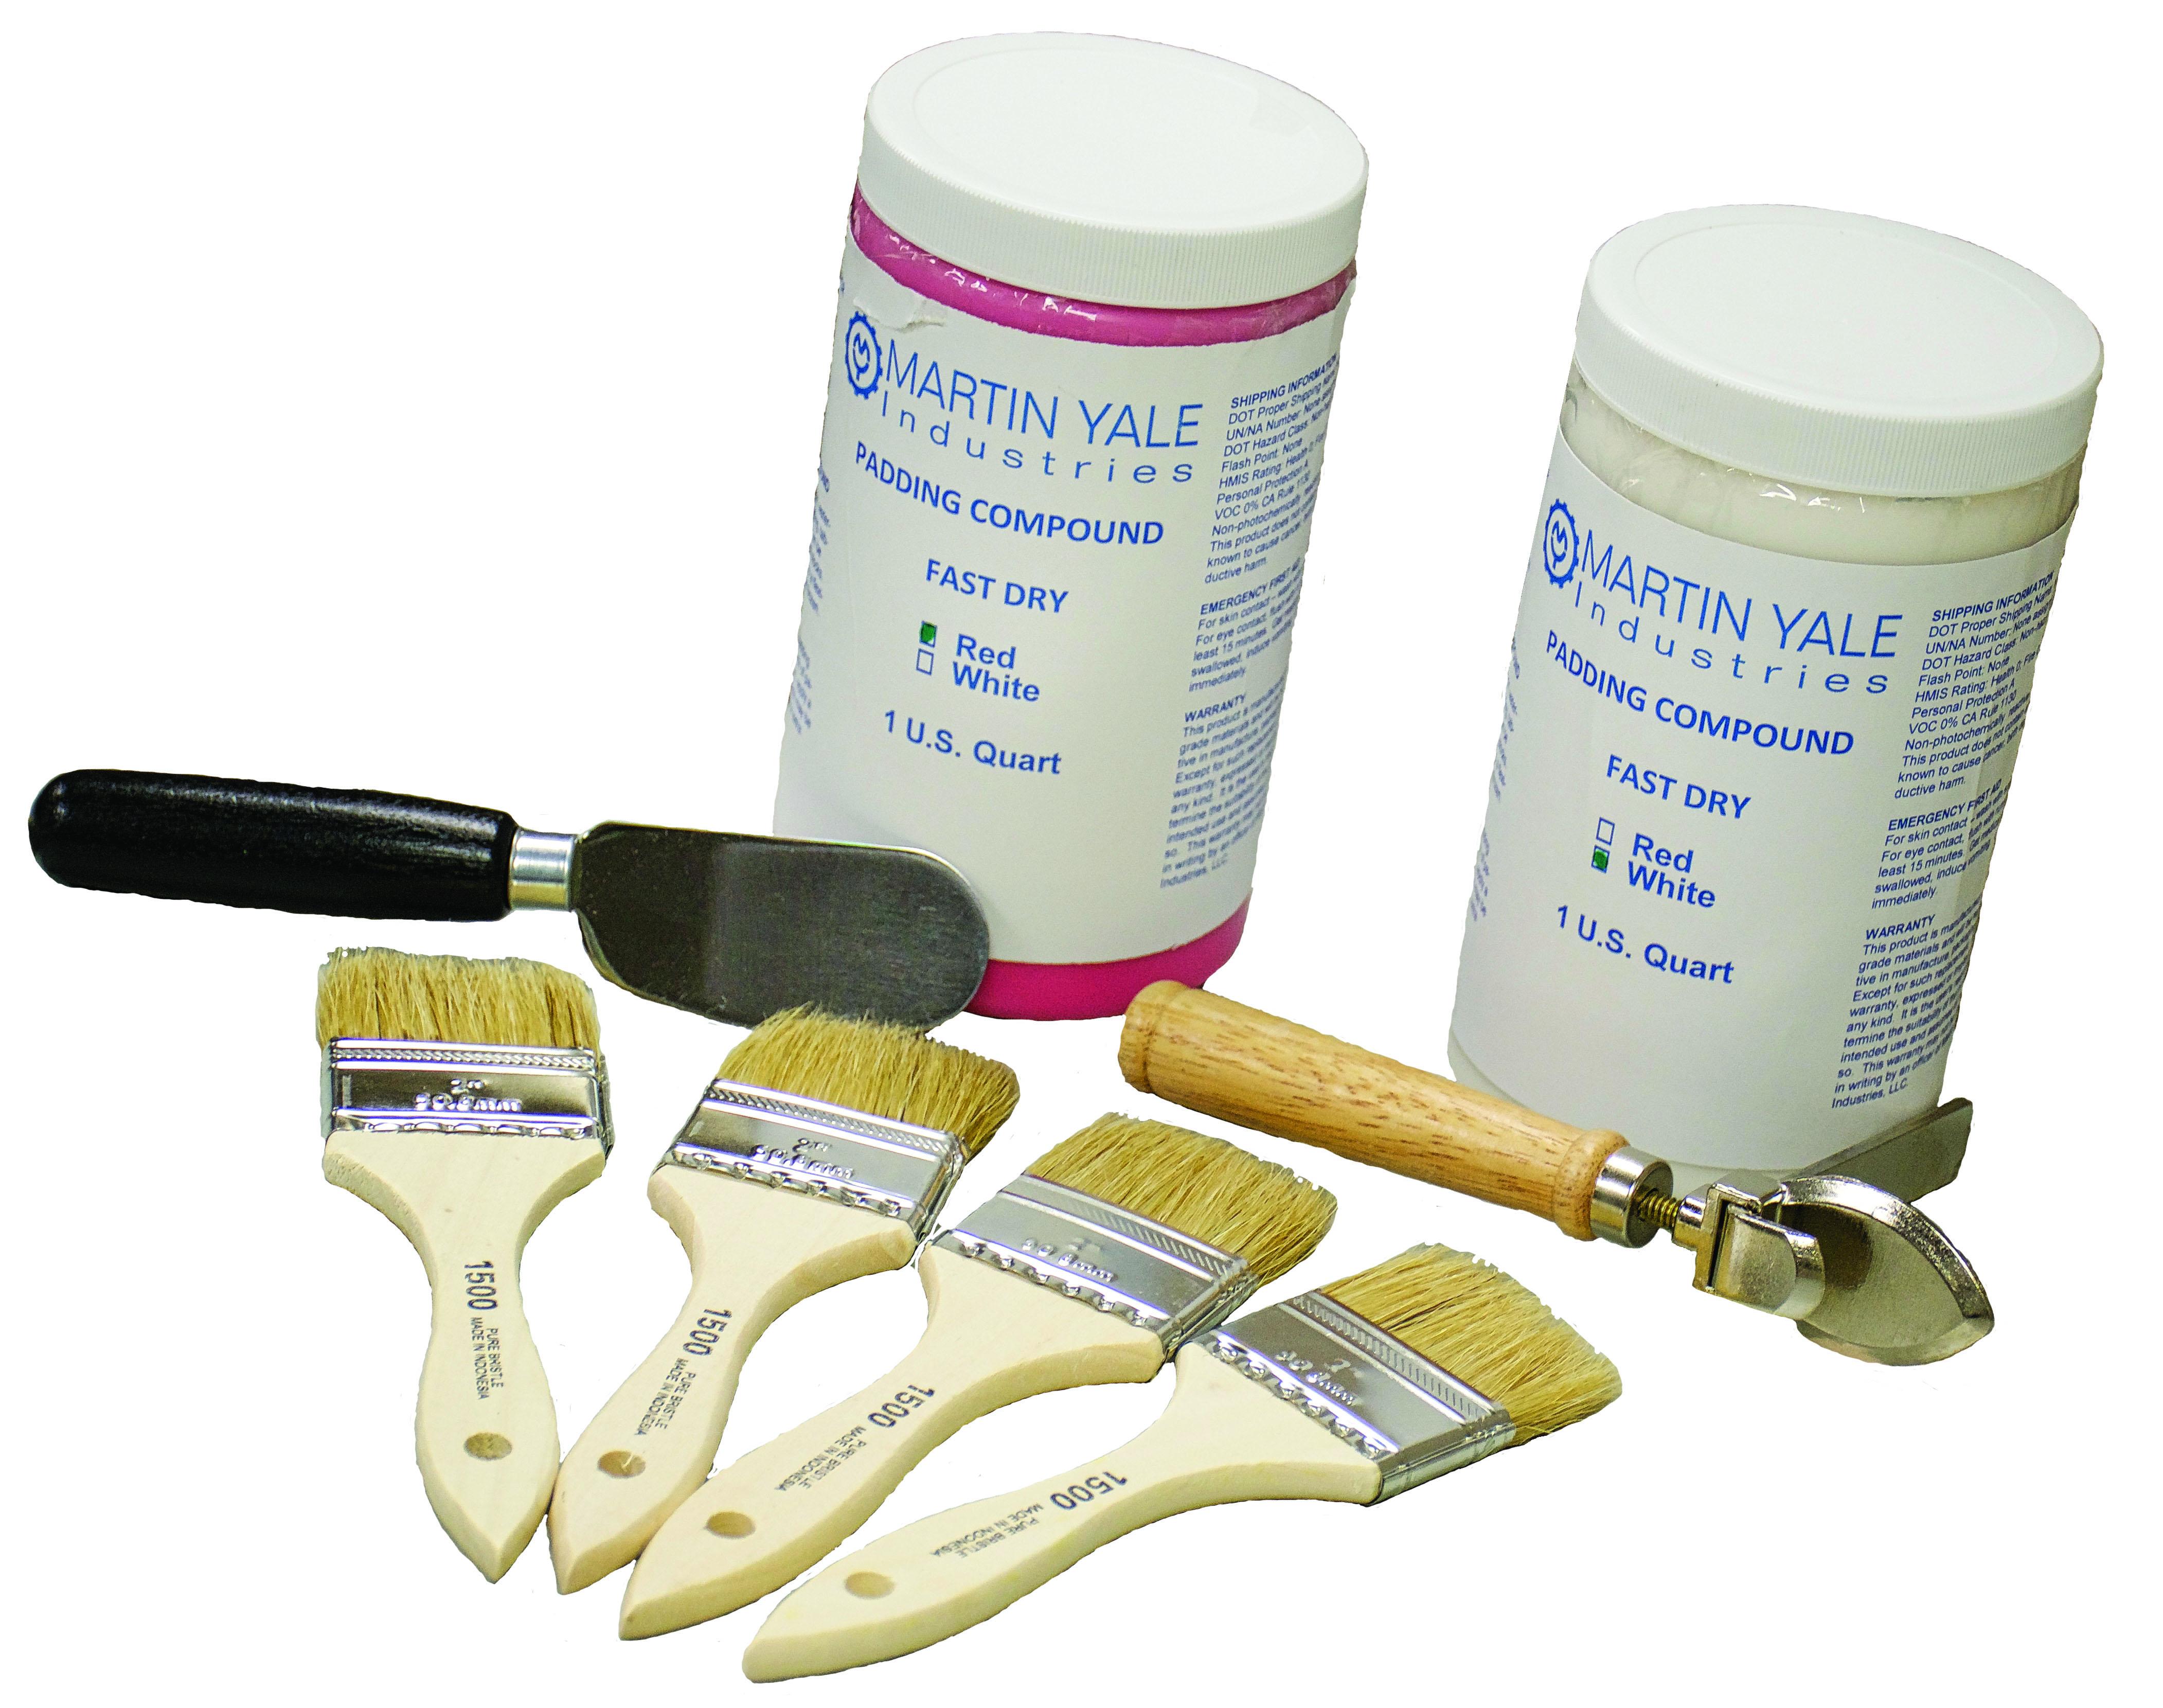 Martin Yale Padding Press Glue Kits